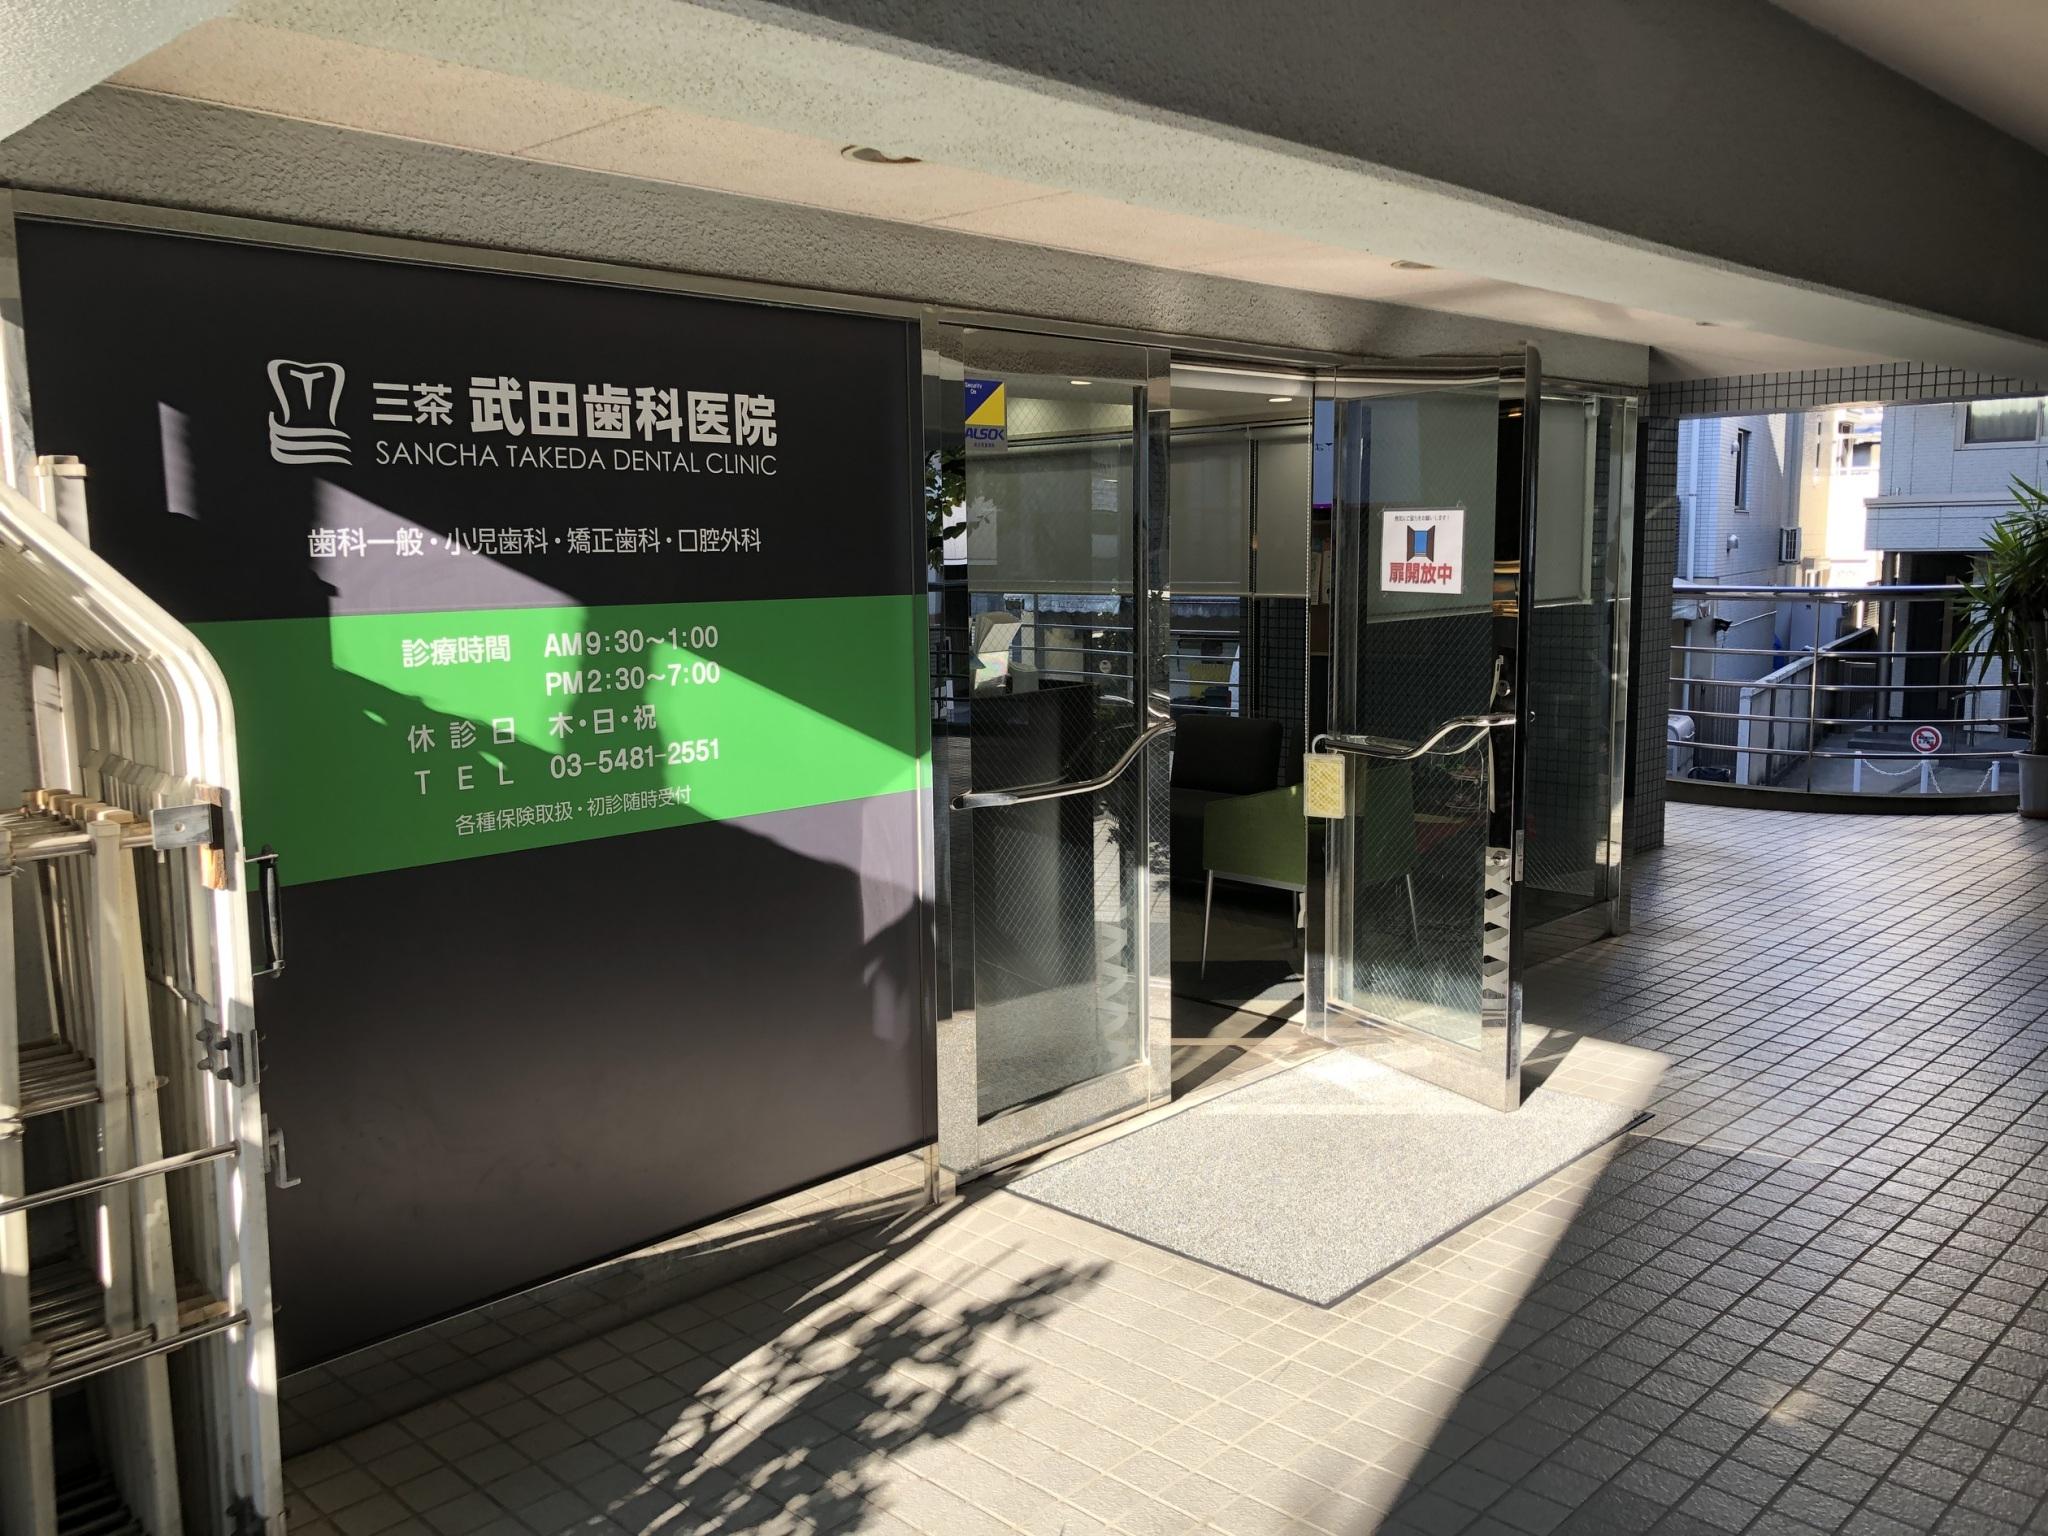 三茶 武田歯科医院